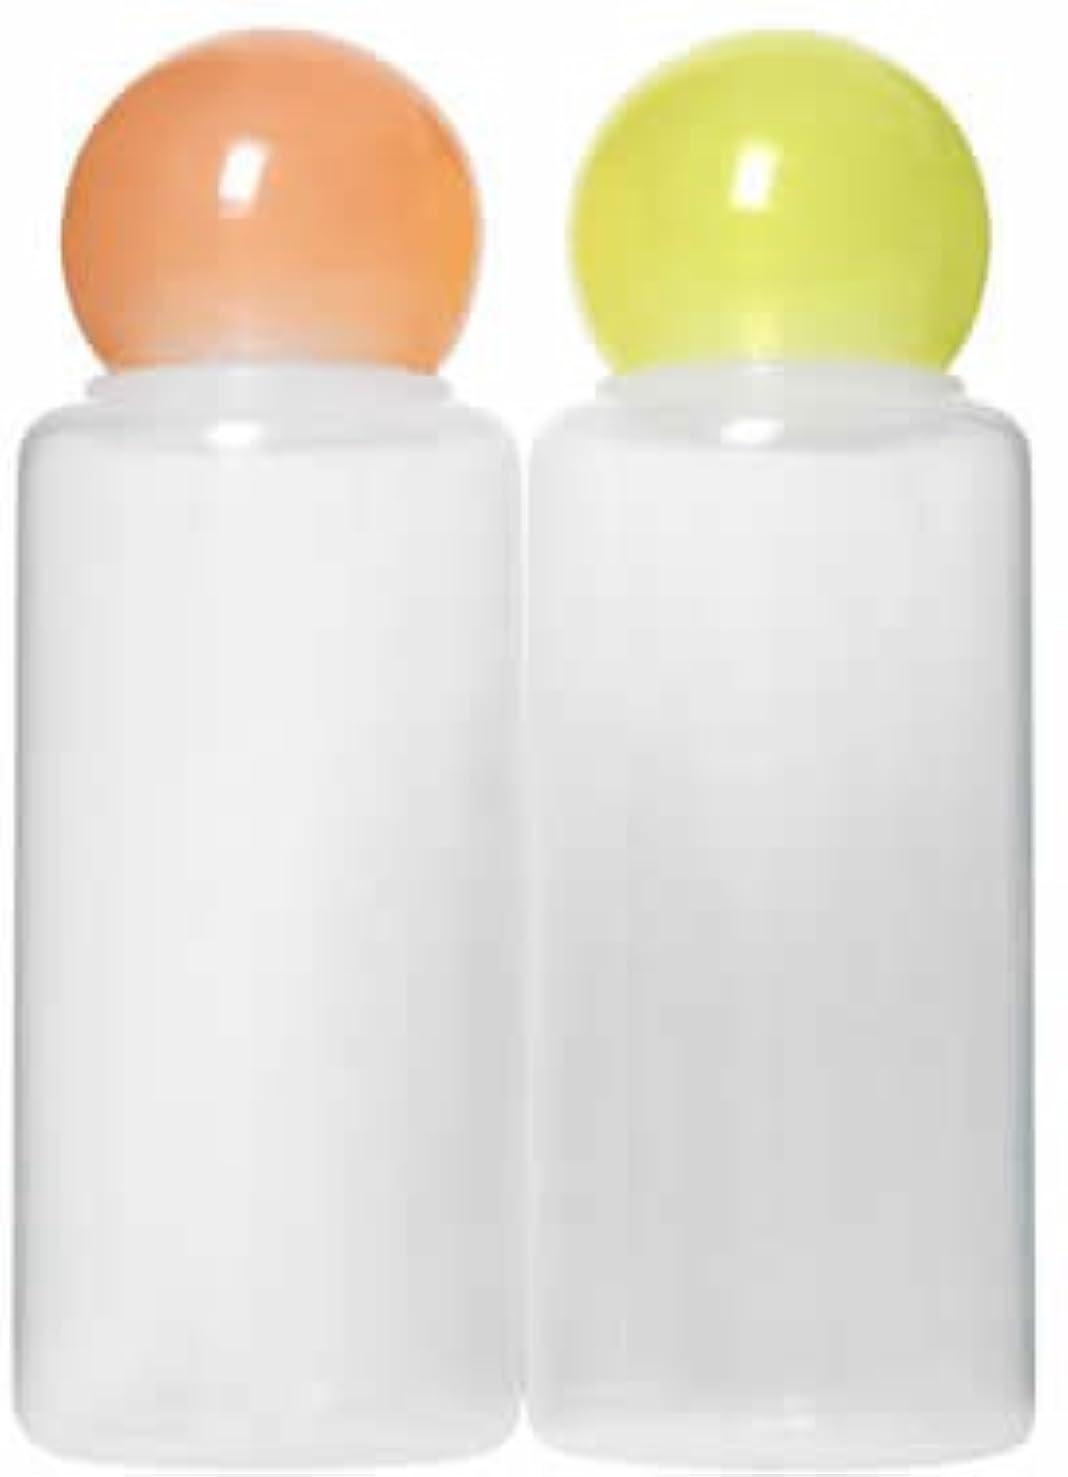 六分儀思われる少しエミー ボトルセットT-20 オレンジ&イエロー